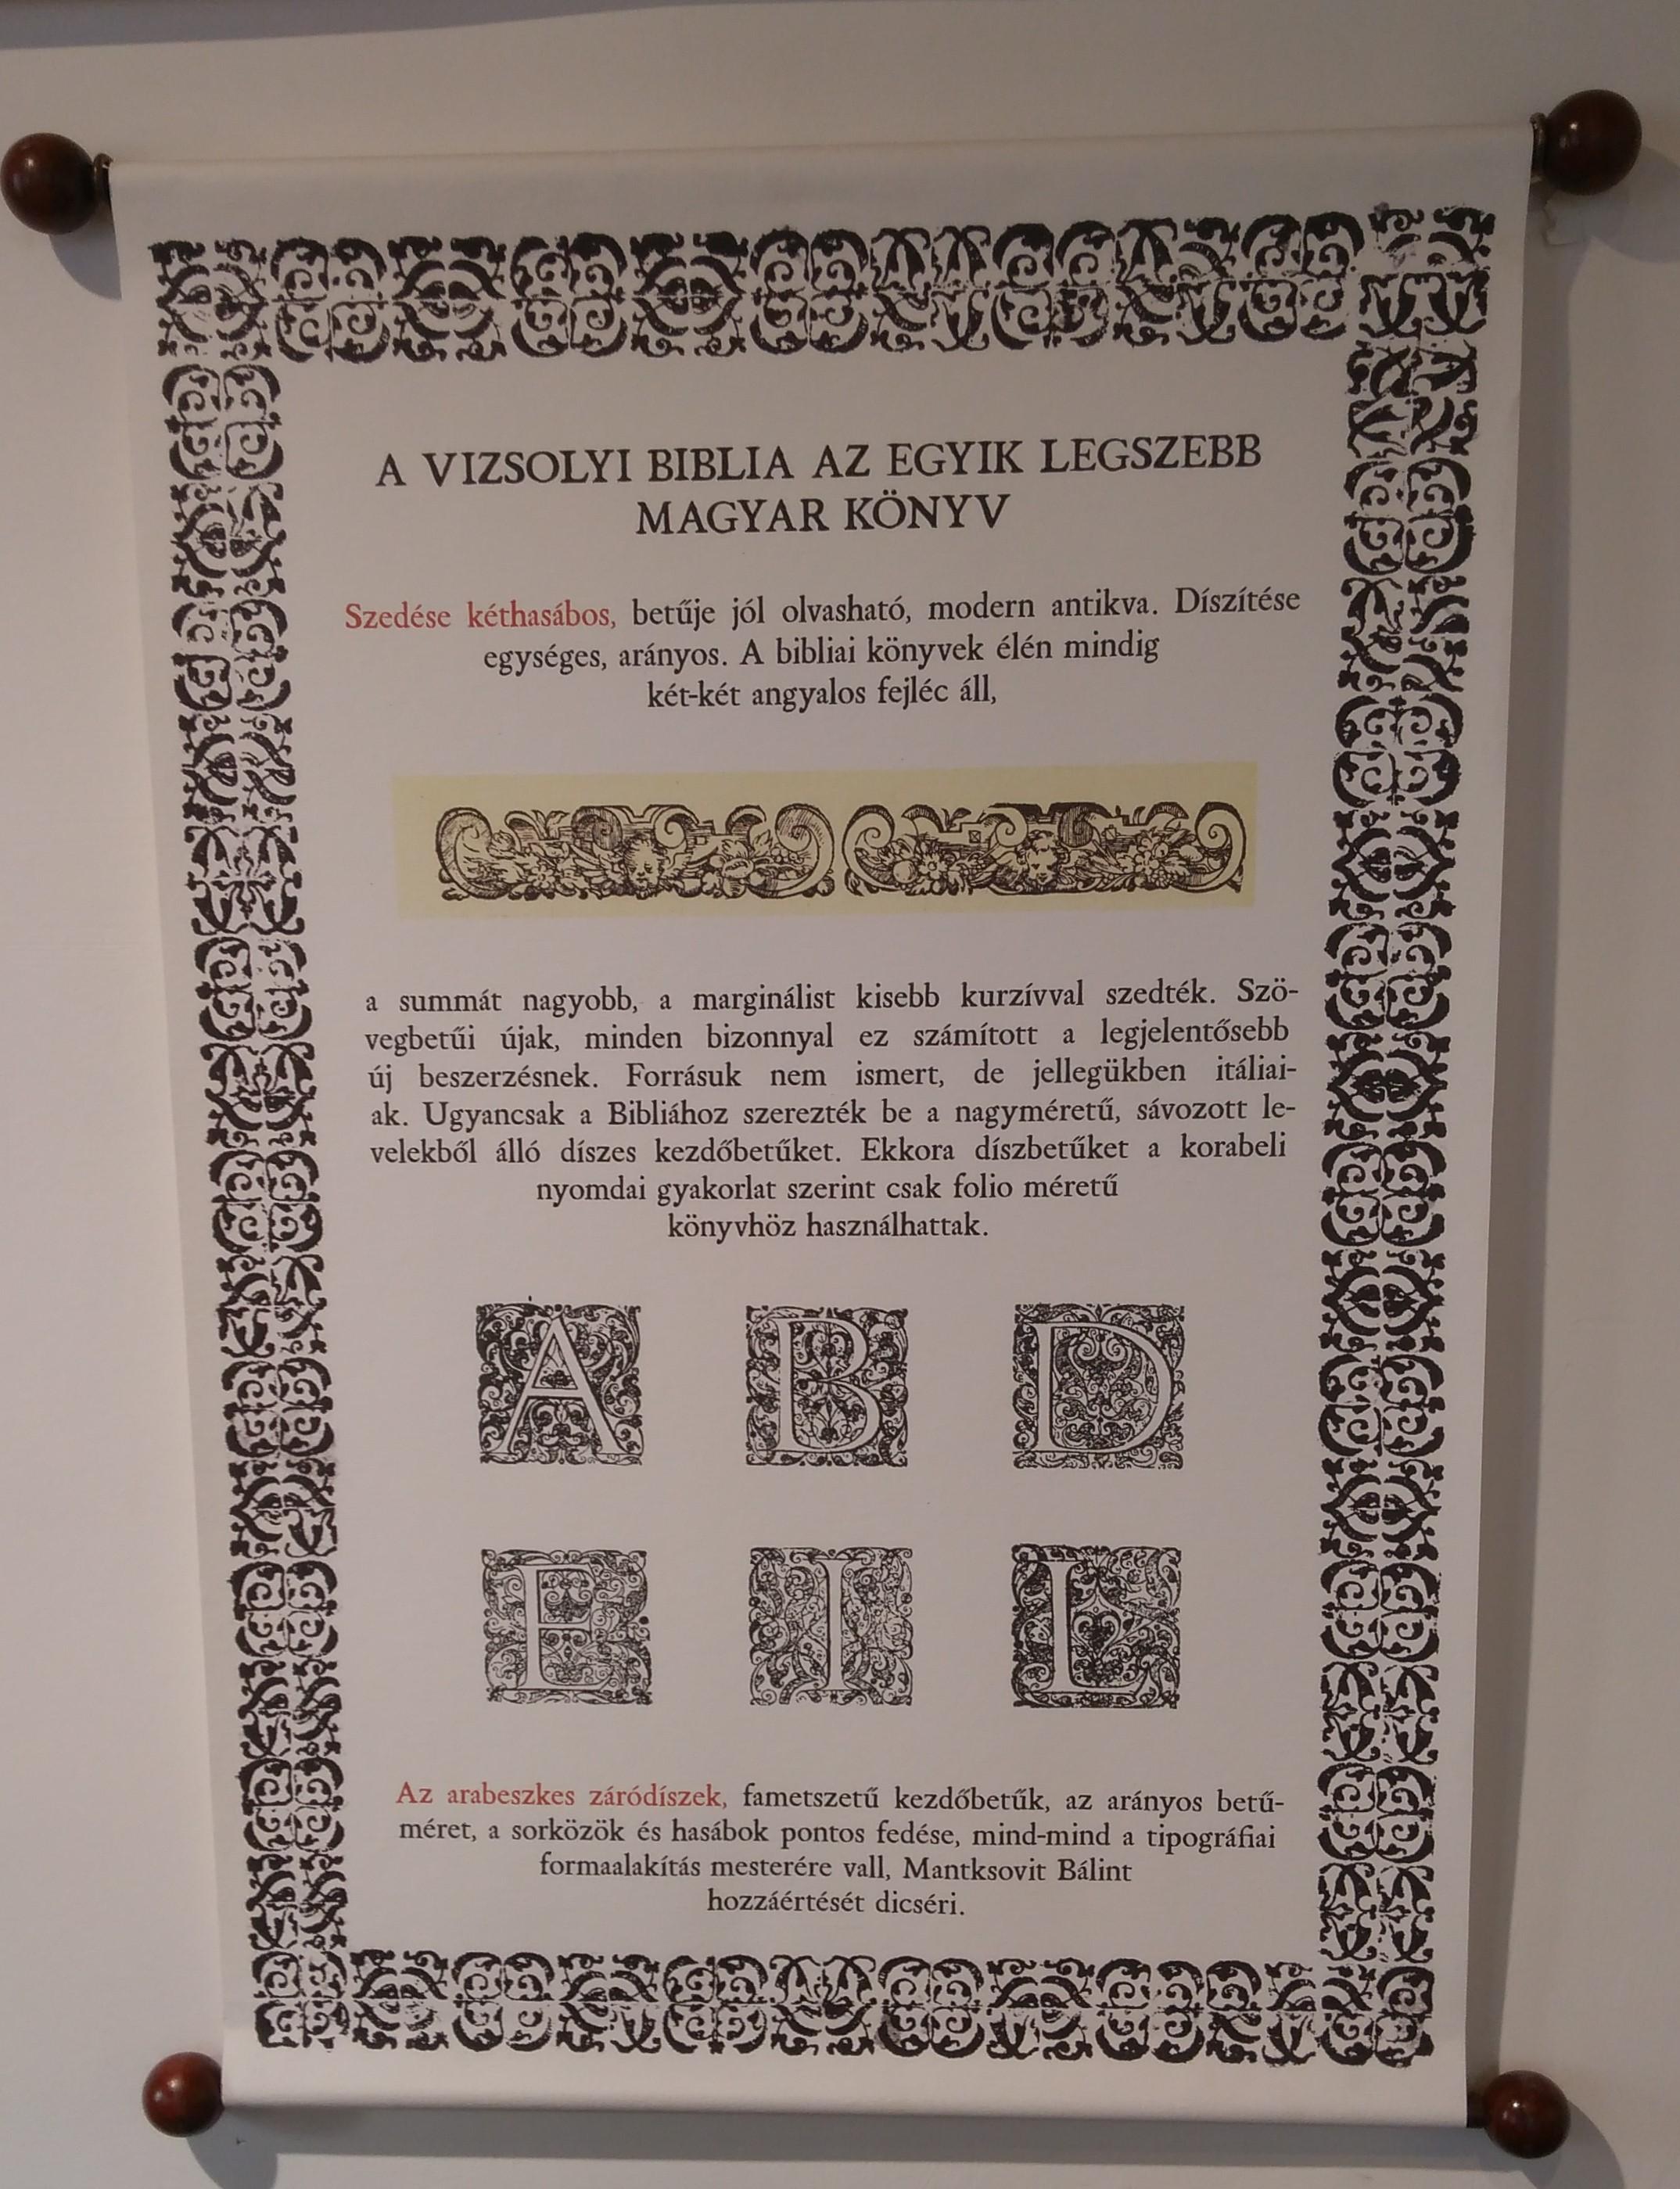 Templomok, múltak, vallások – Zemplén-Abaújban a reformáció emléknapján